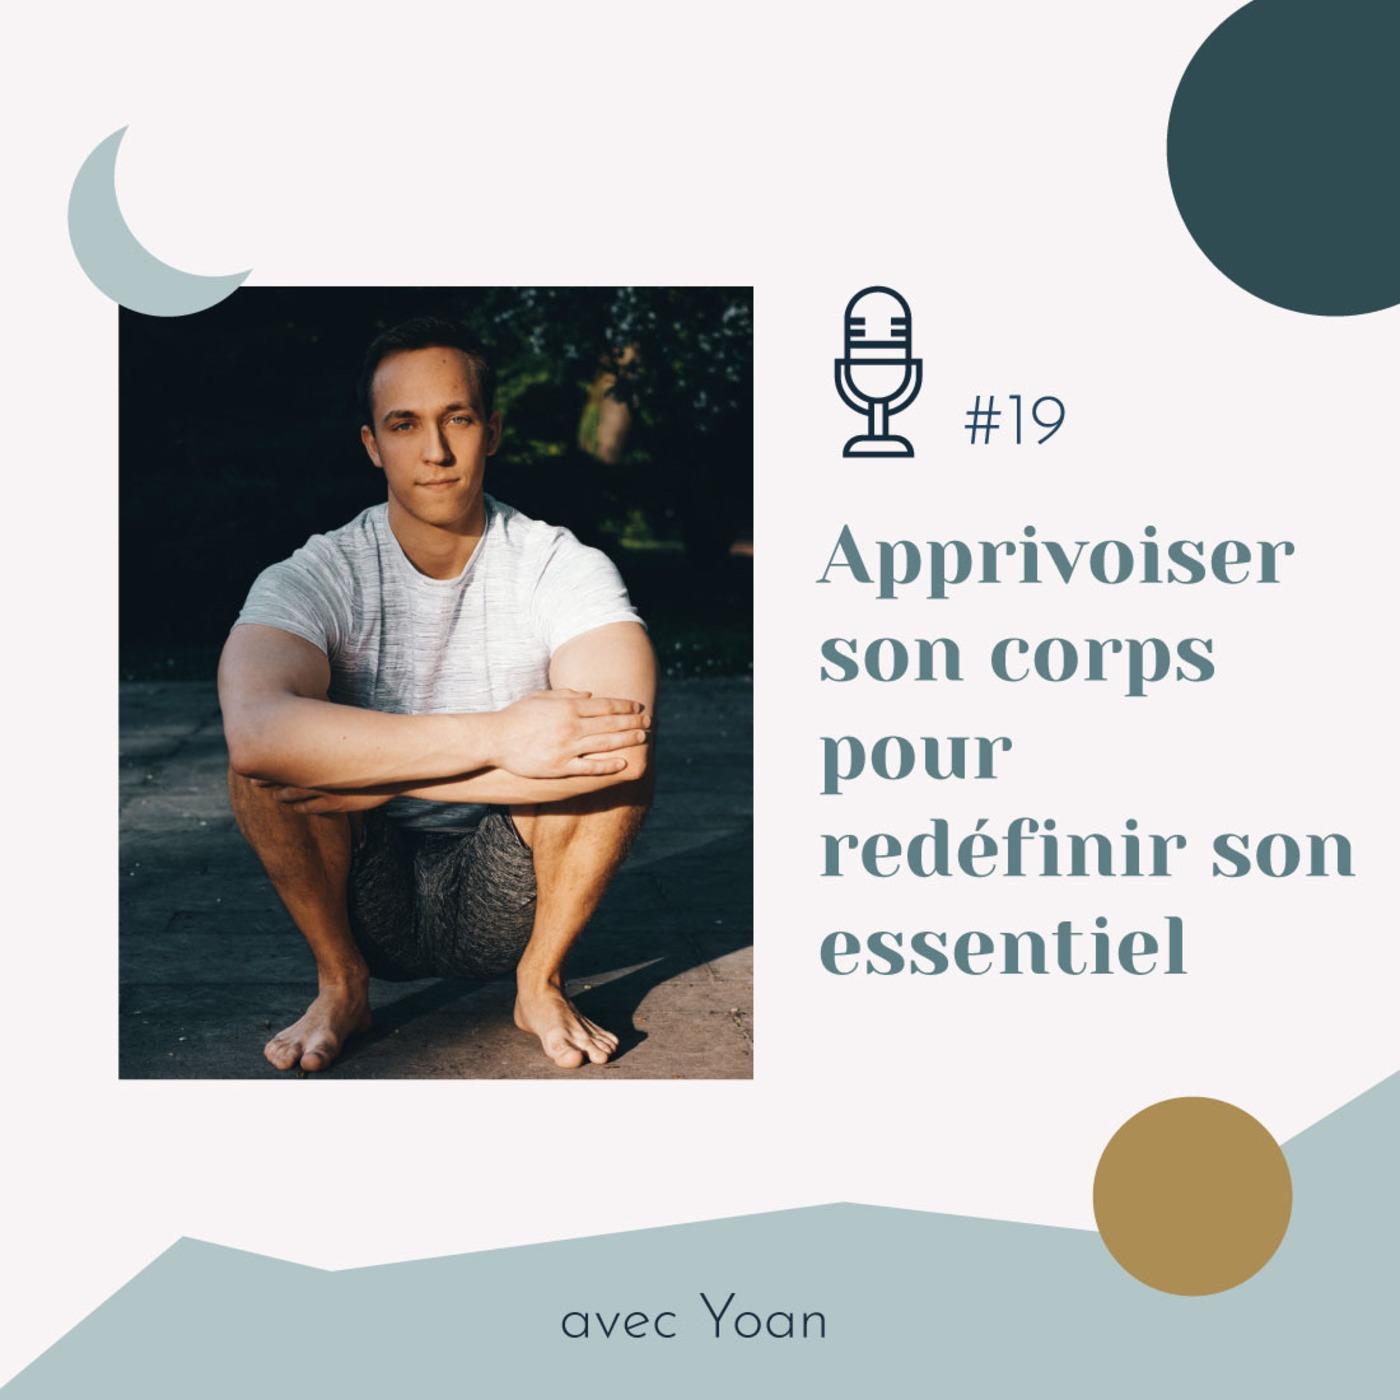 #19 | Apprivoiser son corps pour redéfinir son essentiel - avec Yoan